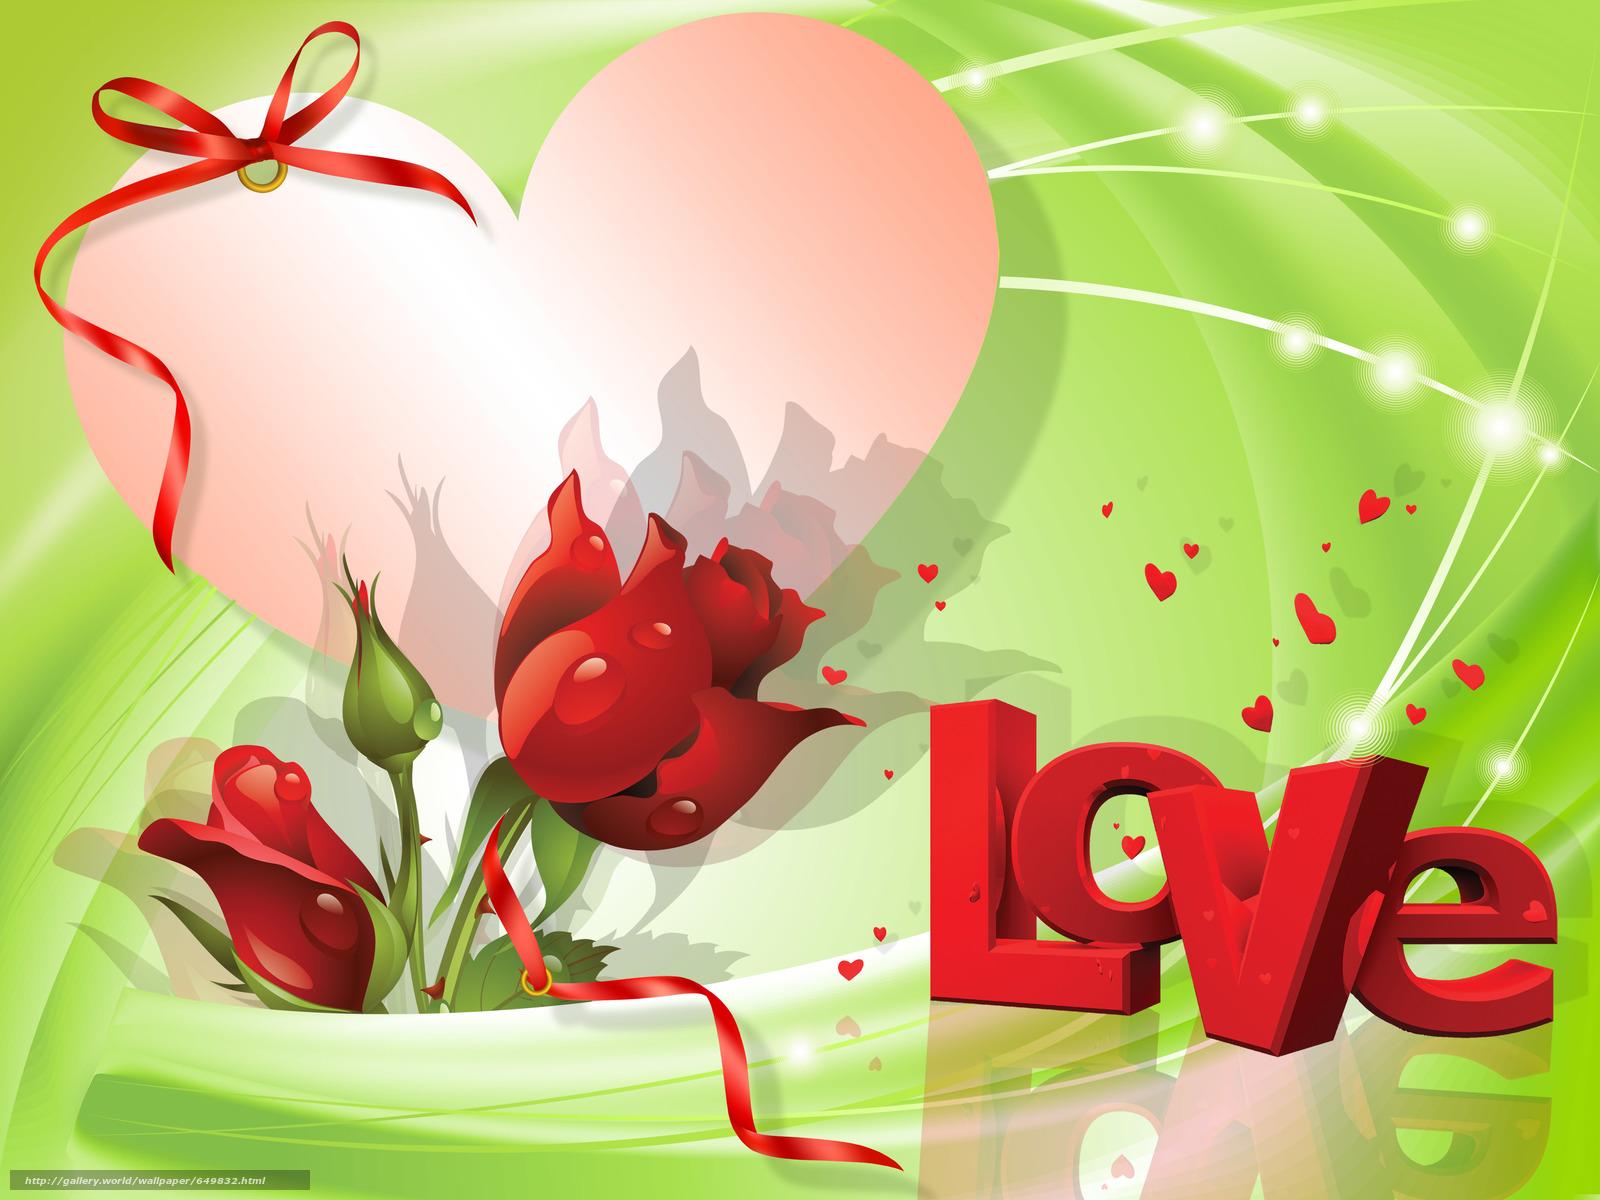 下载壁纸 情人节,  情人节,  情人节,  情人节 免费为您的桌面分辨率的壁纸 5906x4429 — 图片 №649832